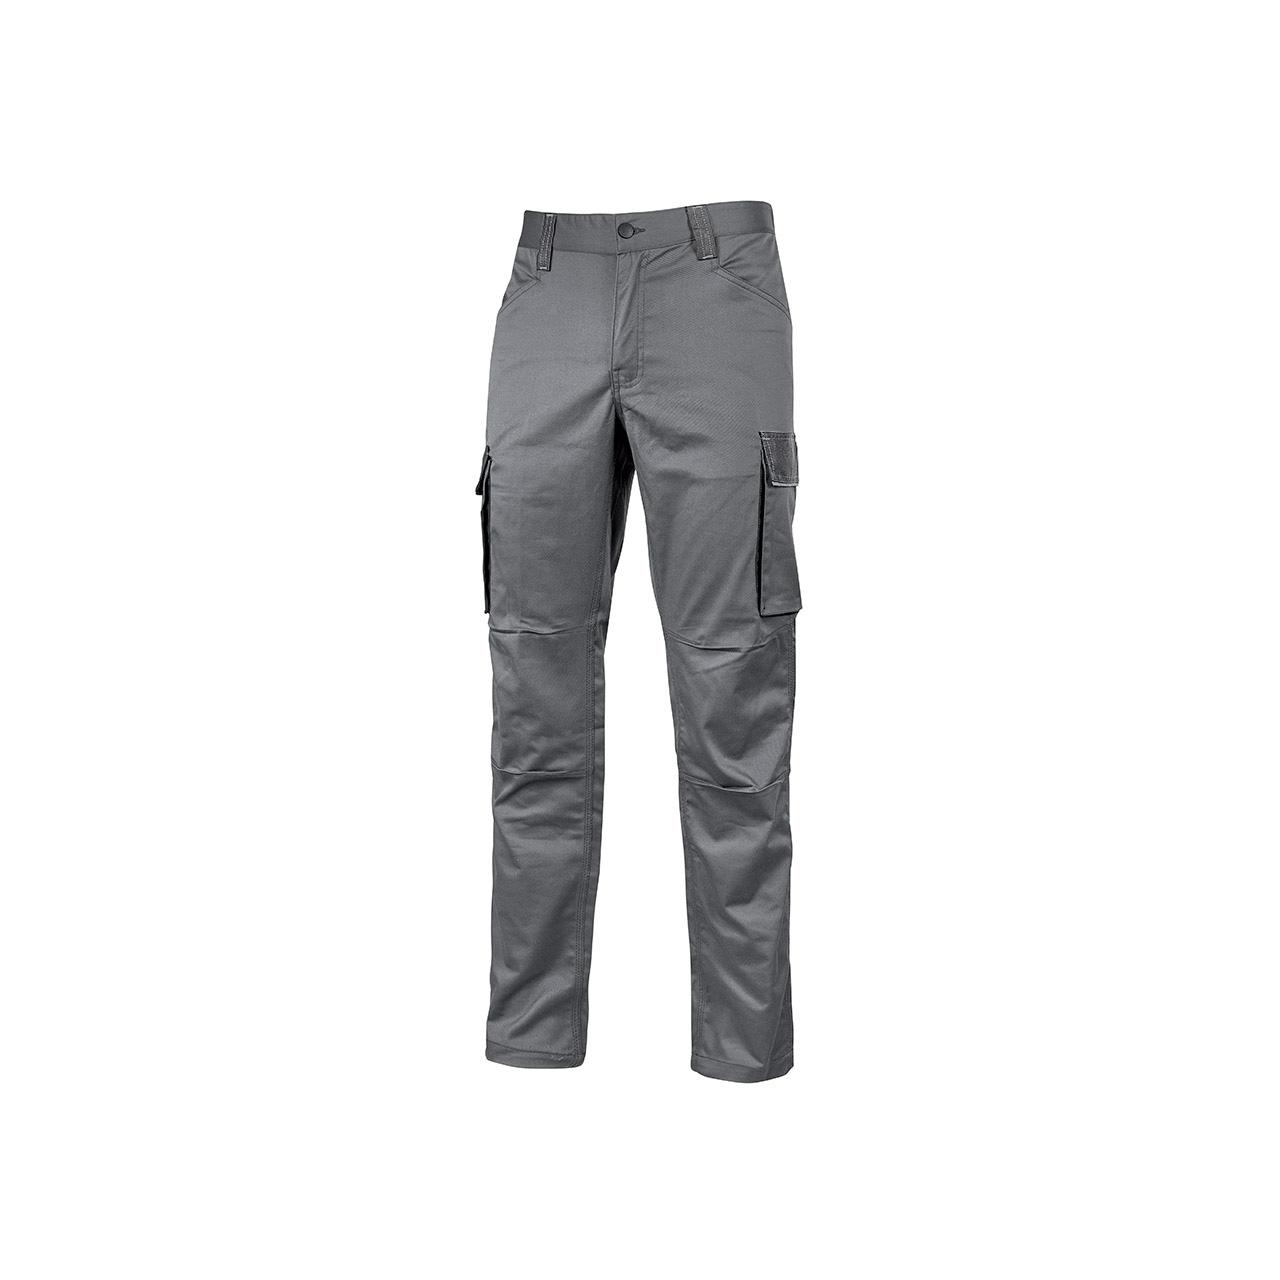 pantalone da lavoro upower modello crazy colore grey iron